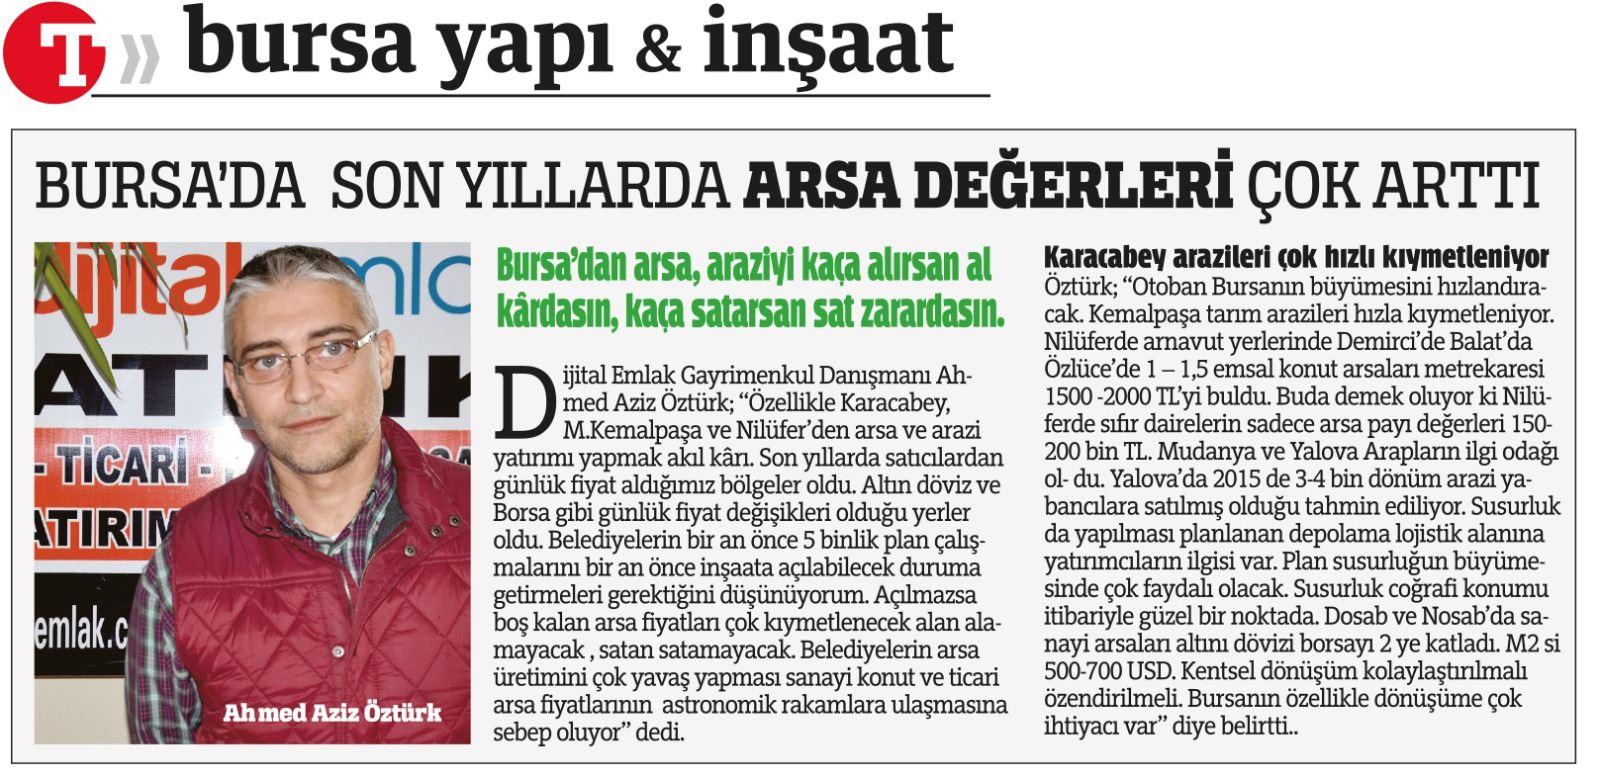 Son Yıllarda Bursa!da Arsa Fiyatları çok Arttı.